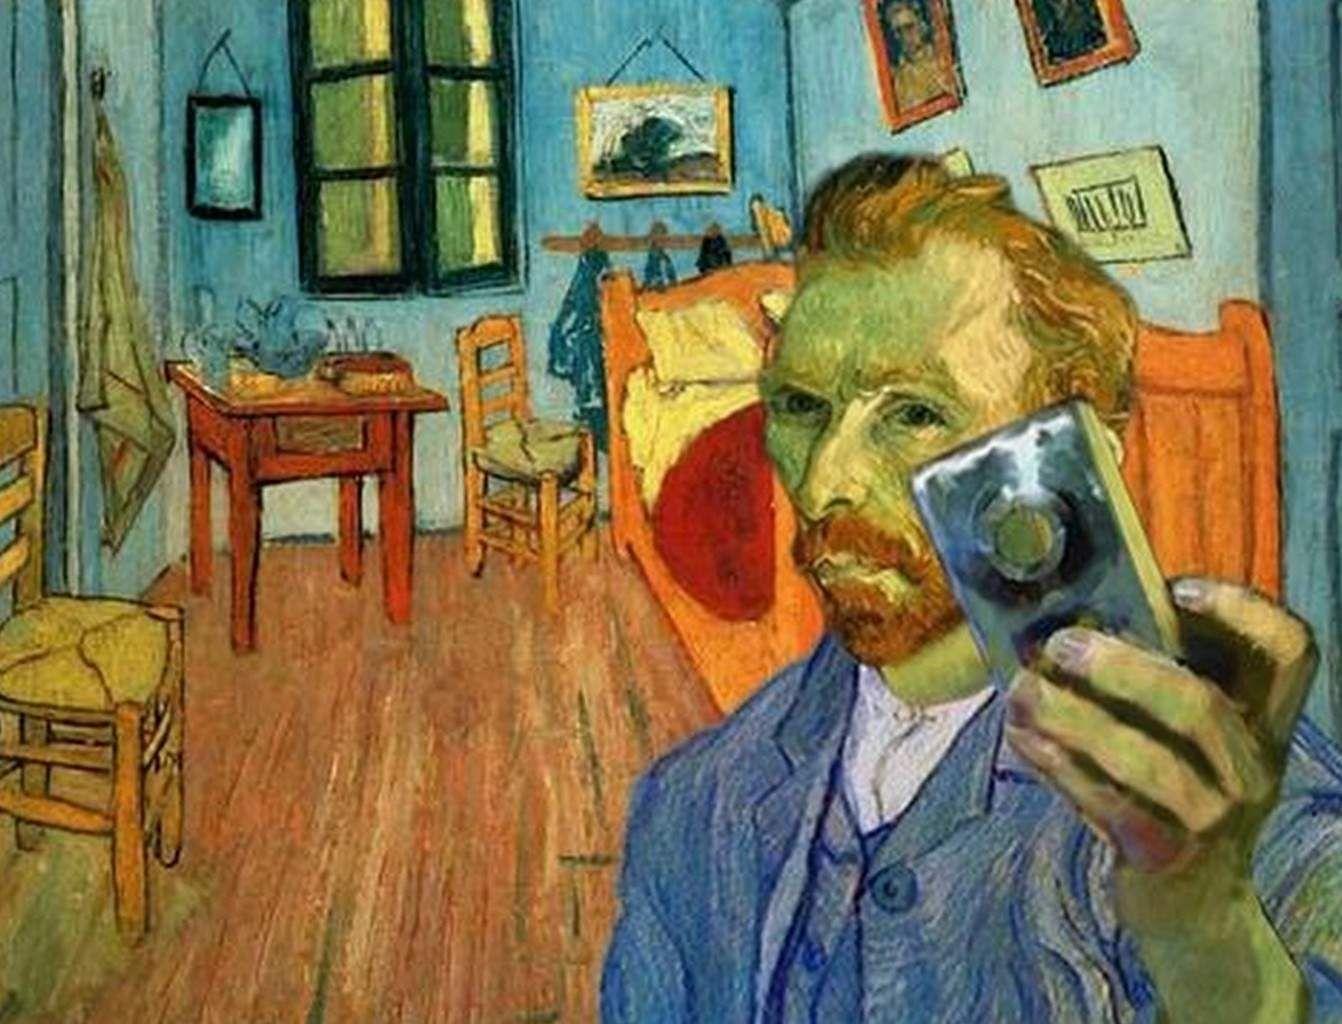 Vincent van Gogh bedroom selfie jpg  1342 1024. Vincent van Gogh bedroom selfie jpg  1342 1024    Leo VanGogh